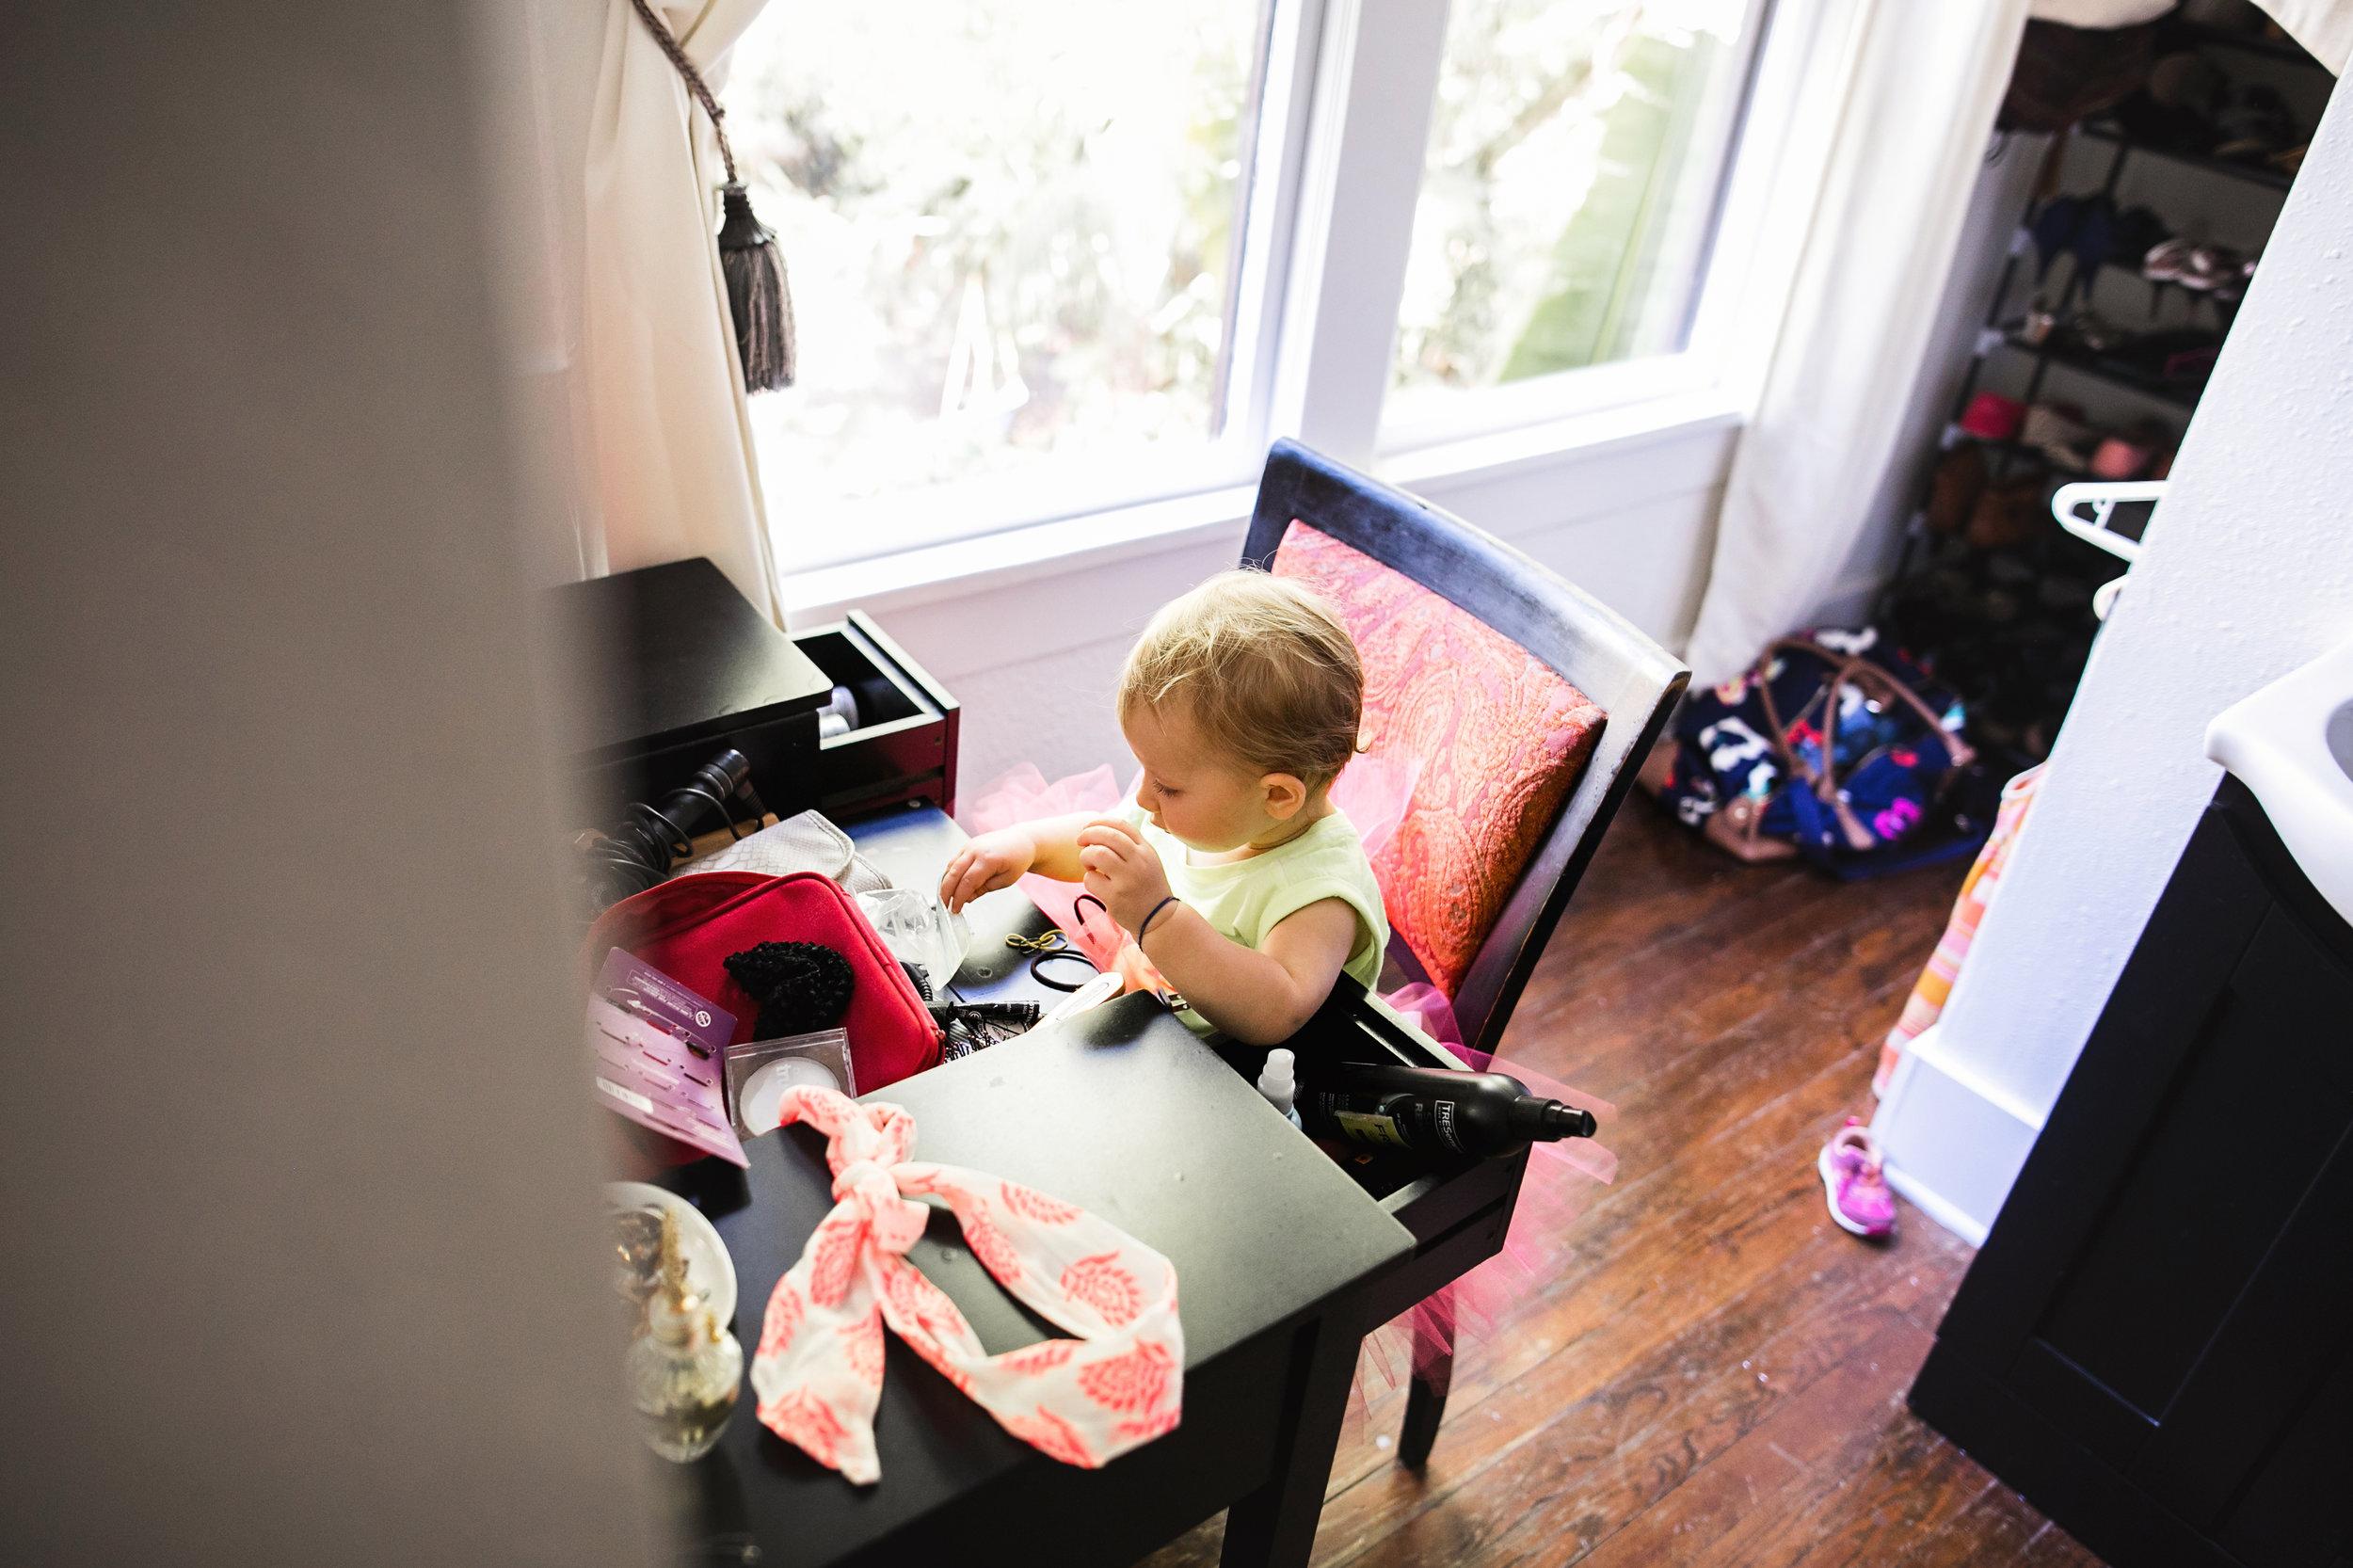 baby plays with hair ties at moms vanity 2-(ZF-0126-04493-1-049).jpg